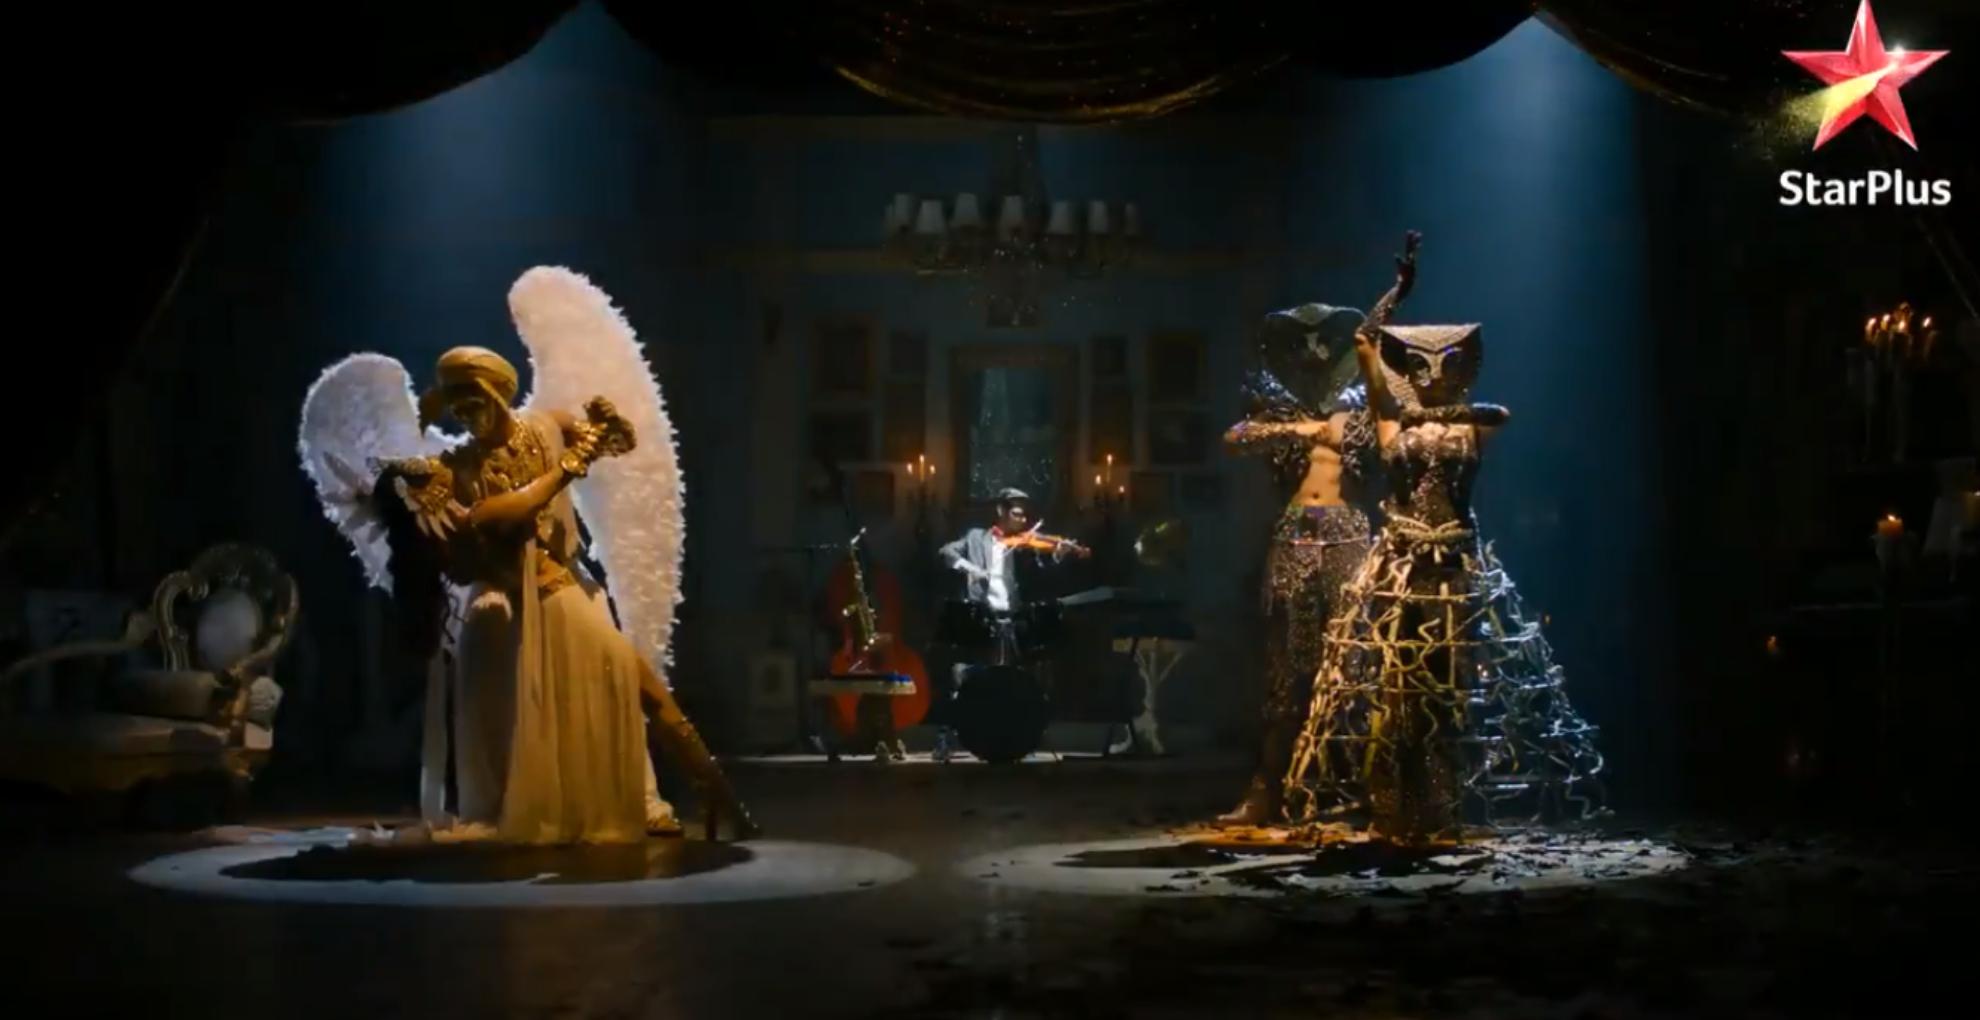 Nach Baliye 9: शो का एक और प्रोमो हुआ रिलीज, टीवी की ये दो बड़ी एक्ट्रेस कदम थिरकाती आईं नजर